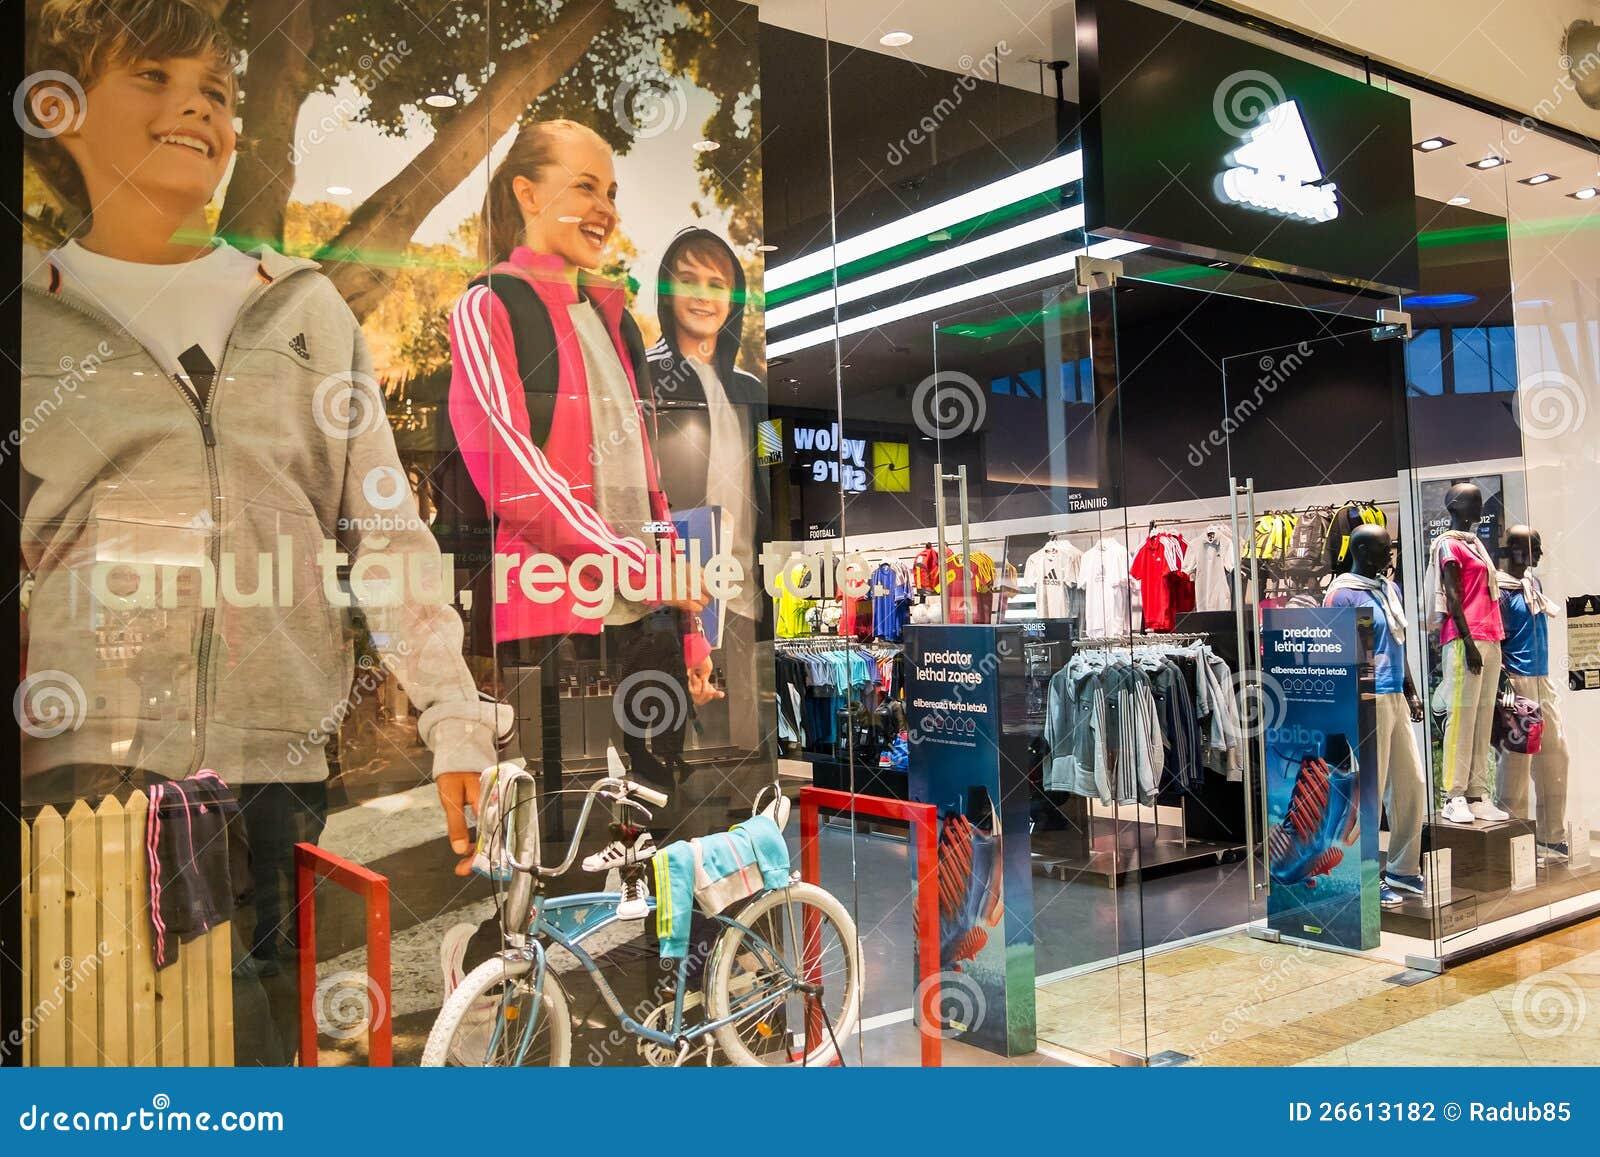 4f4bc26ba71 Adidas Shop Stock Images - Download 823 Royalty Free Photos